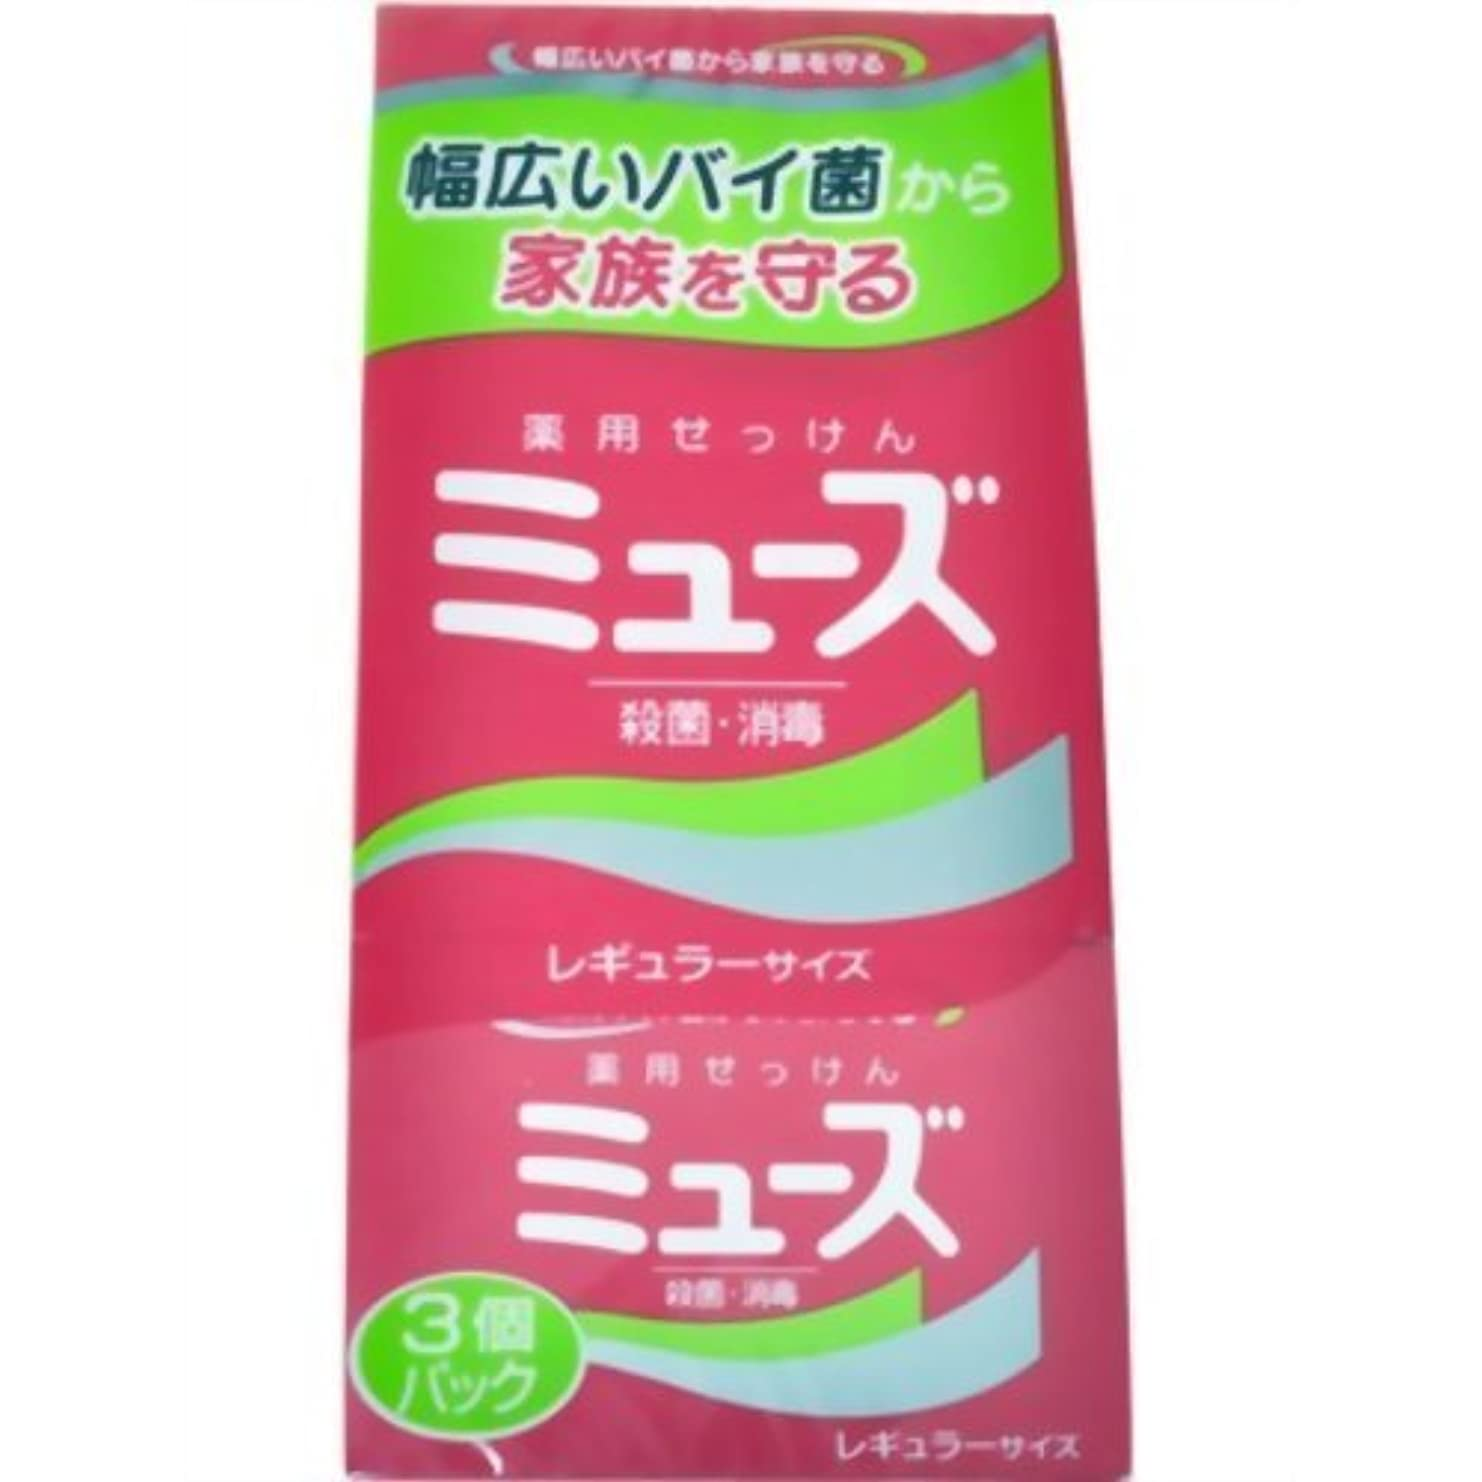 納得させる腹痛ゆるくミューズ石鹸 レギュラー 3P ×3個セット